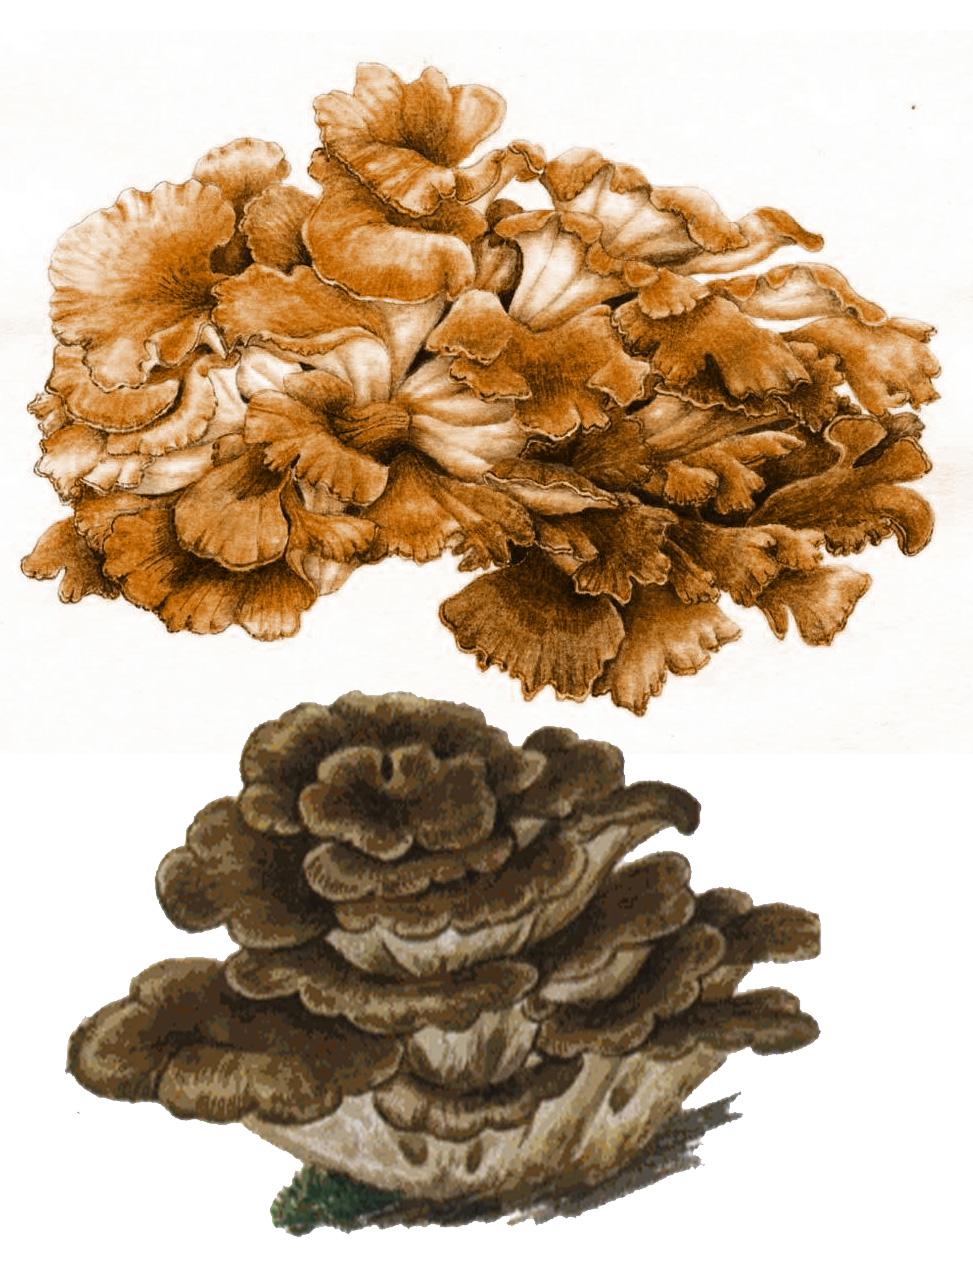 Гриб-баран (лат. Grifola frondosa)